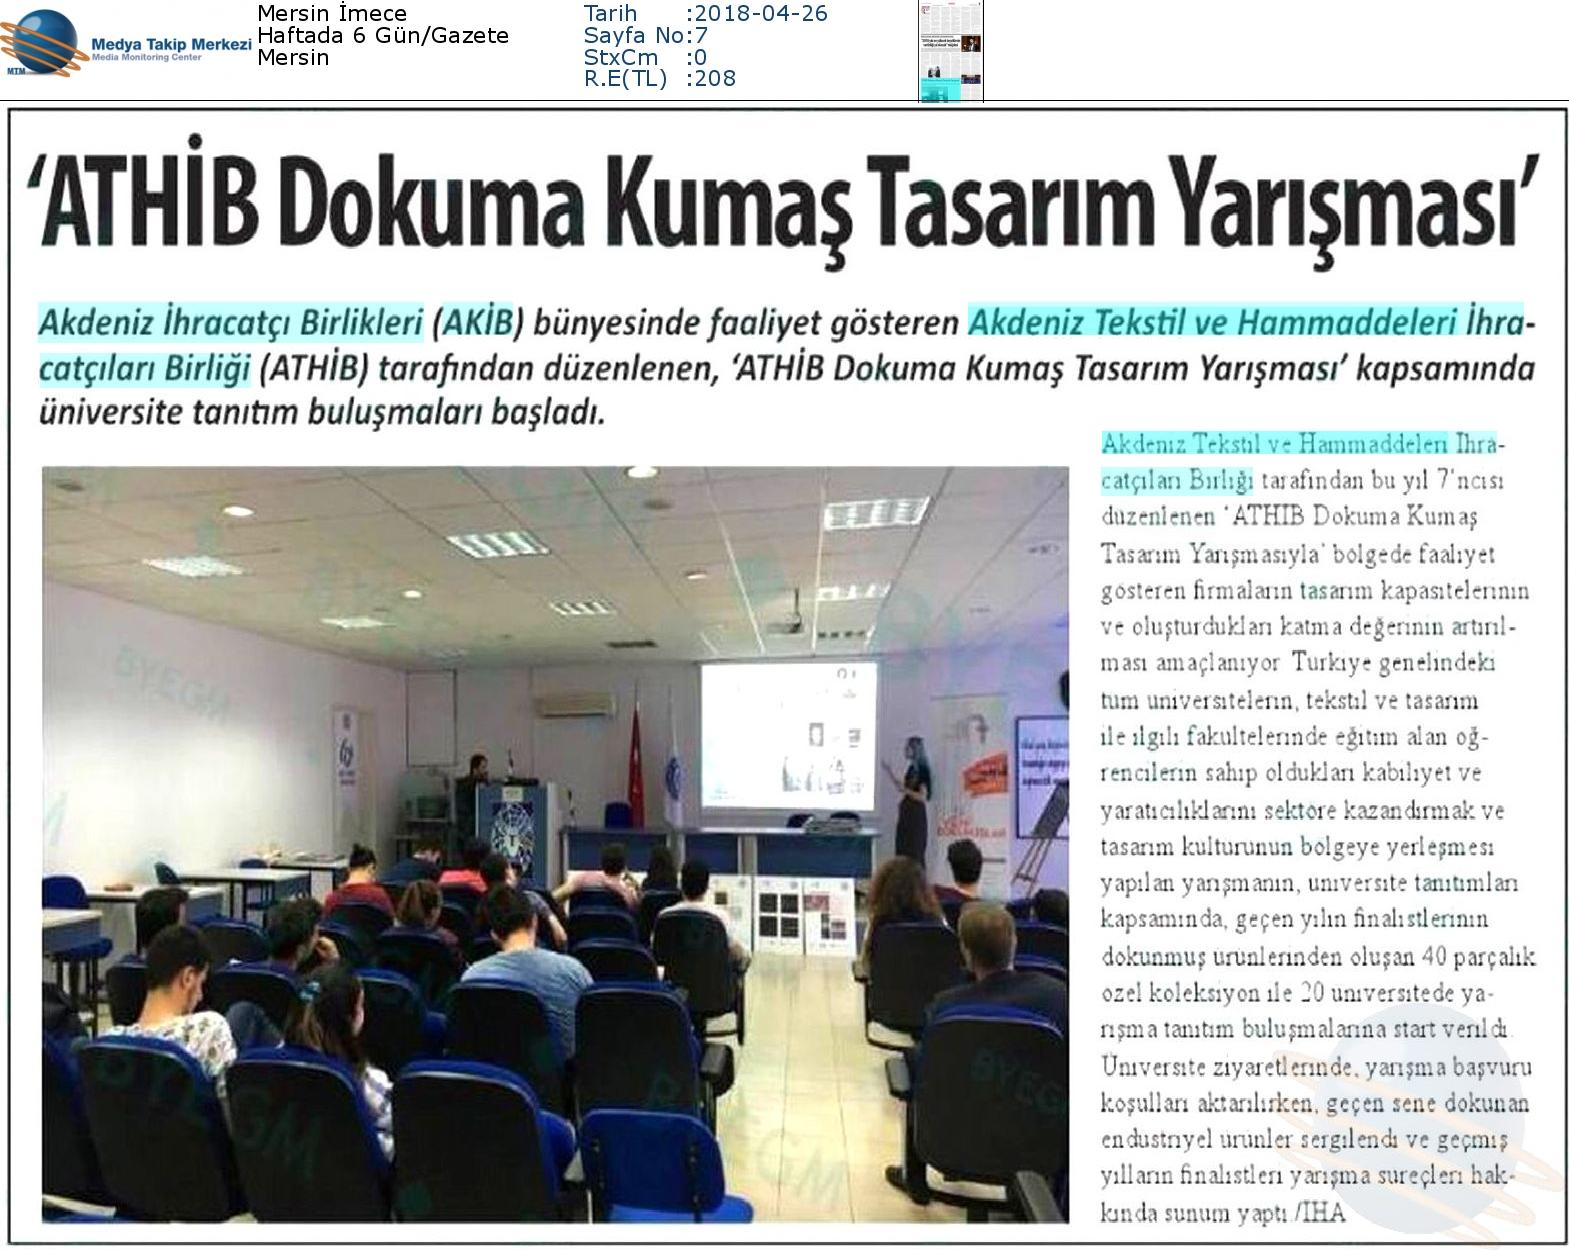 Mersin_İmece-_ATHİB_DOKUMA_KUMAŞ_TASARIM_YARIŞMASI_-26.04.2018